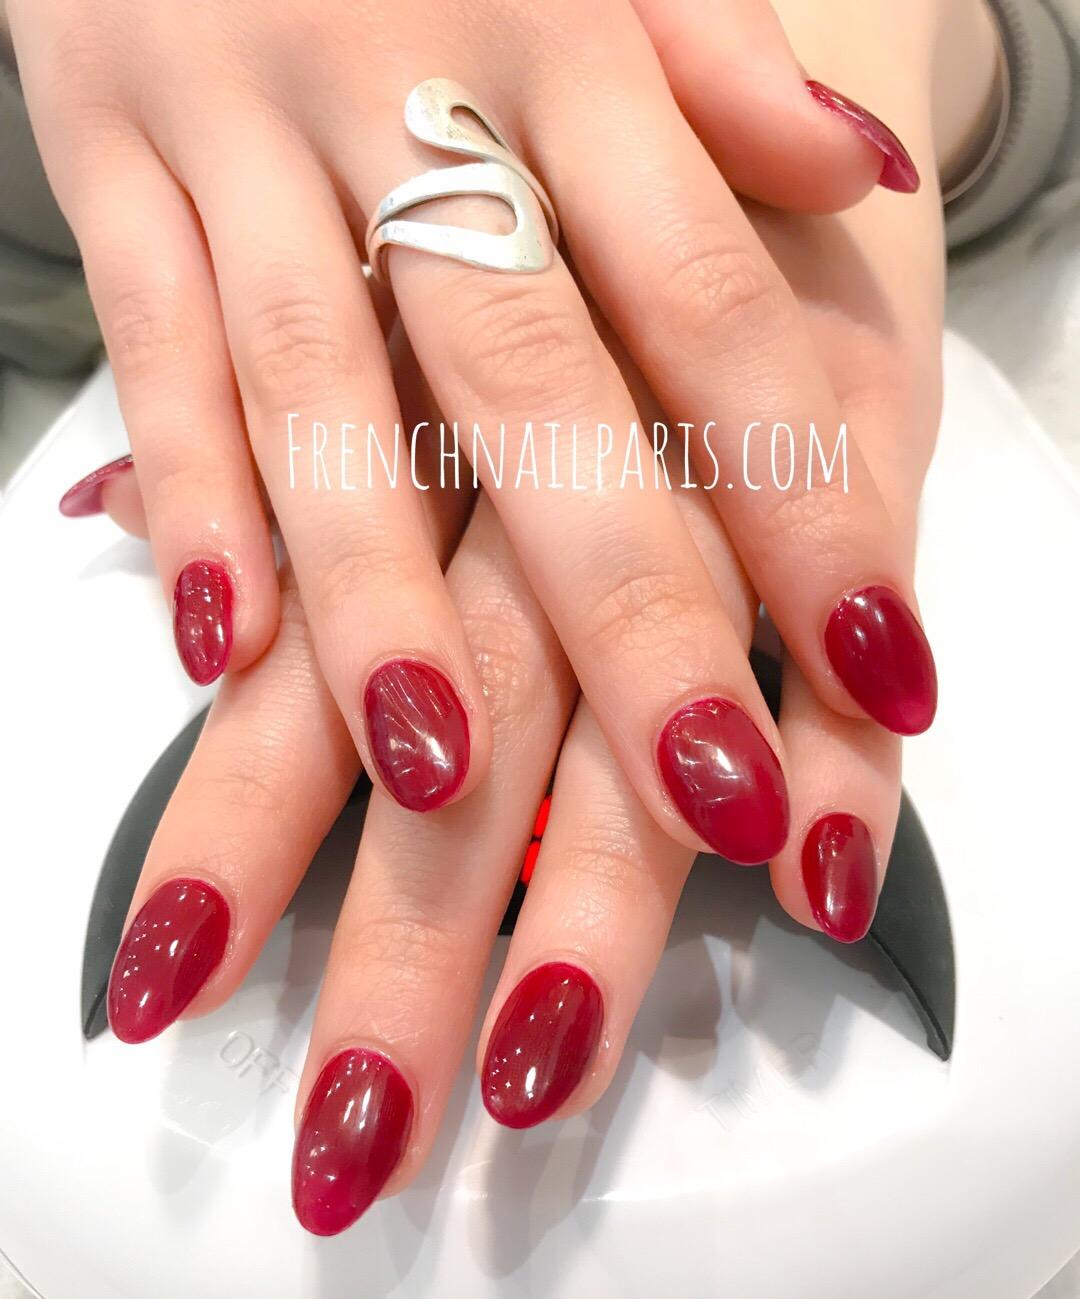 Vivez un moment des plus agréables et profitez-en pour faire une pose d'ongles en résine des mains assortie d'un vernis semi permanent parfaitement coloré.